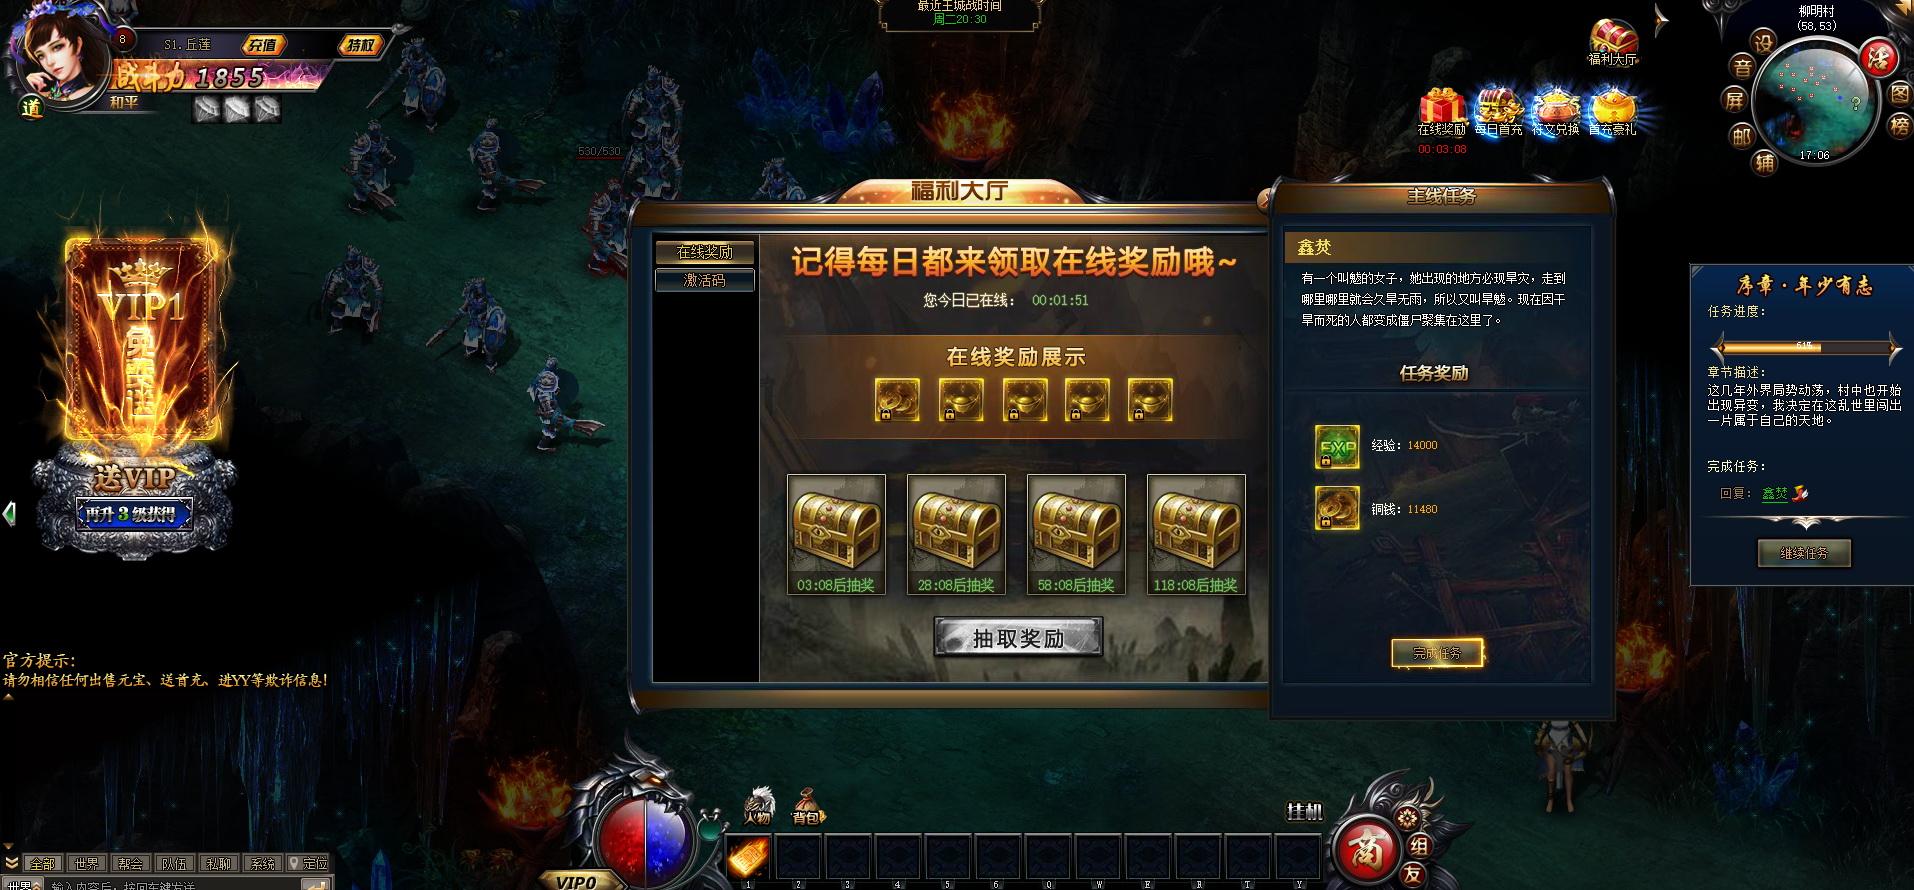 《皇城战》游戏截图